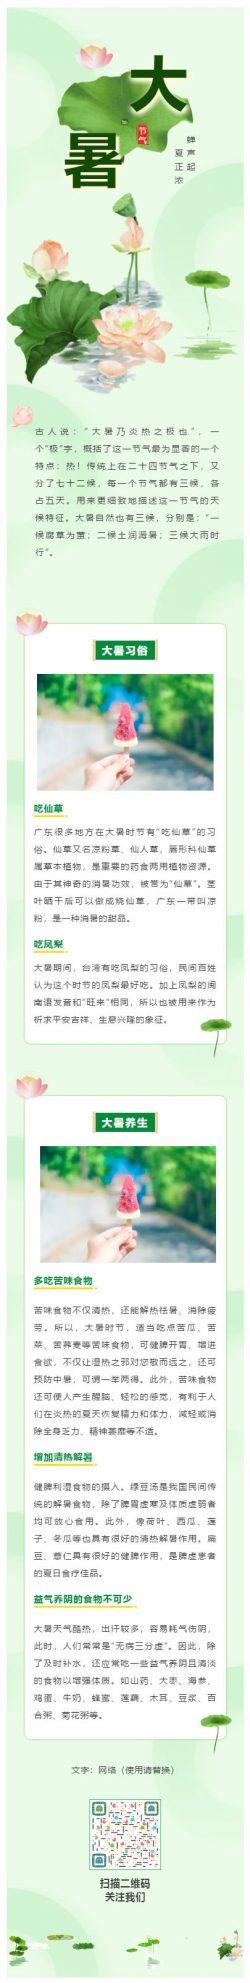 中国传统节日二十四节气之大暑绿色荷花微信公众号推文中国风格模板